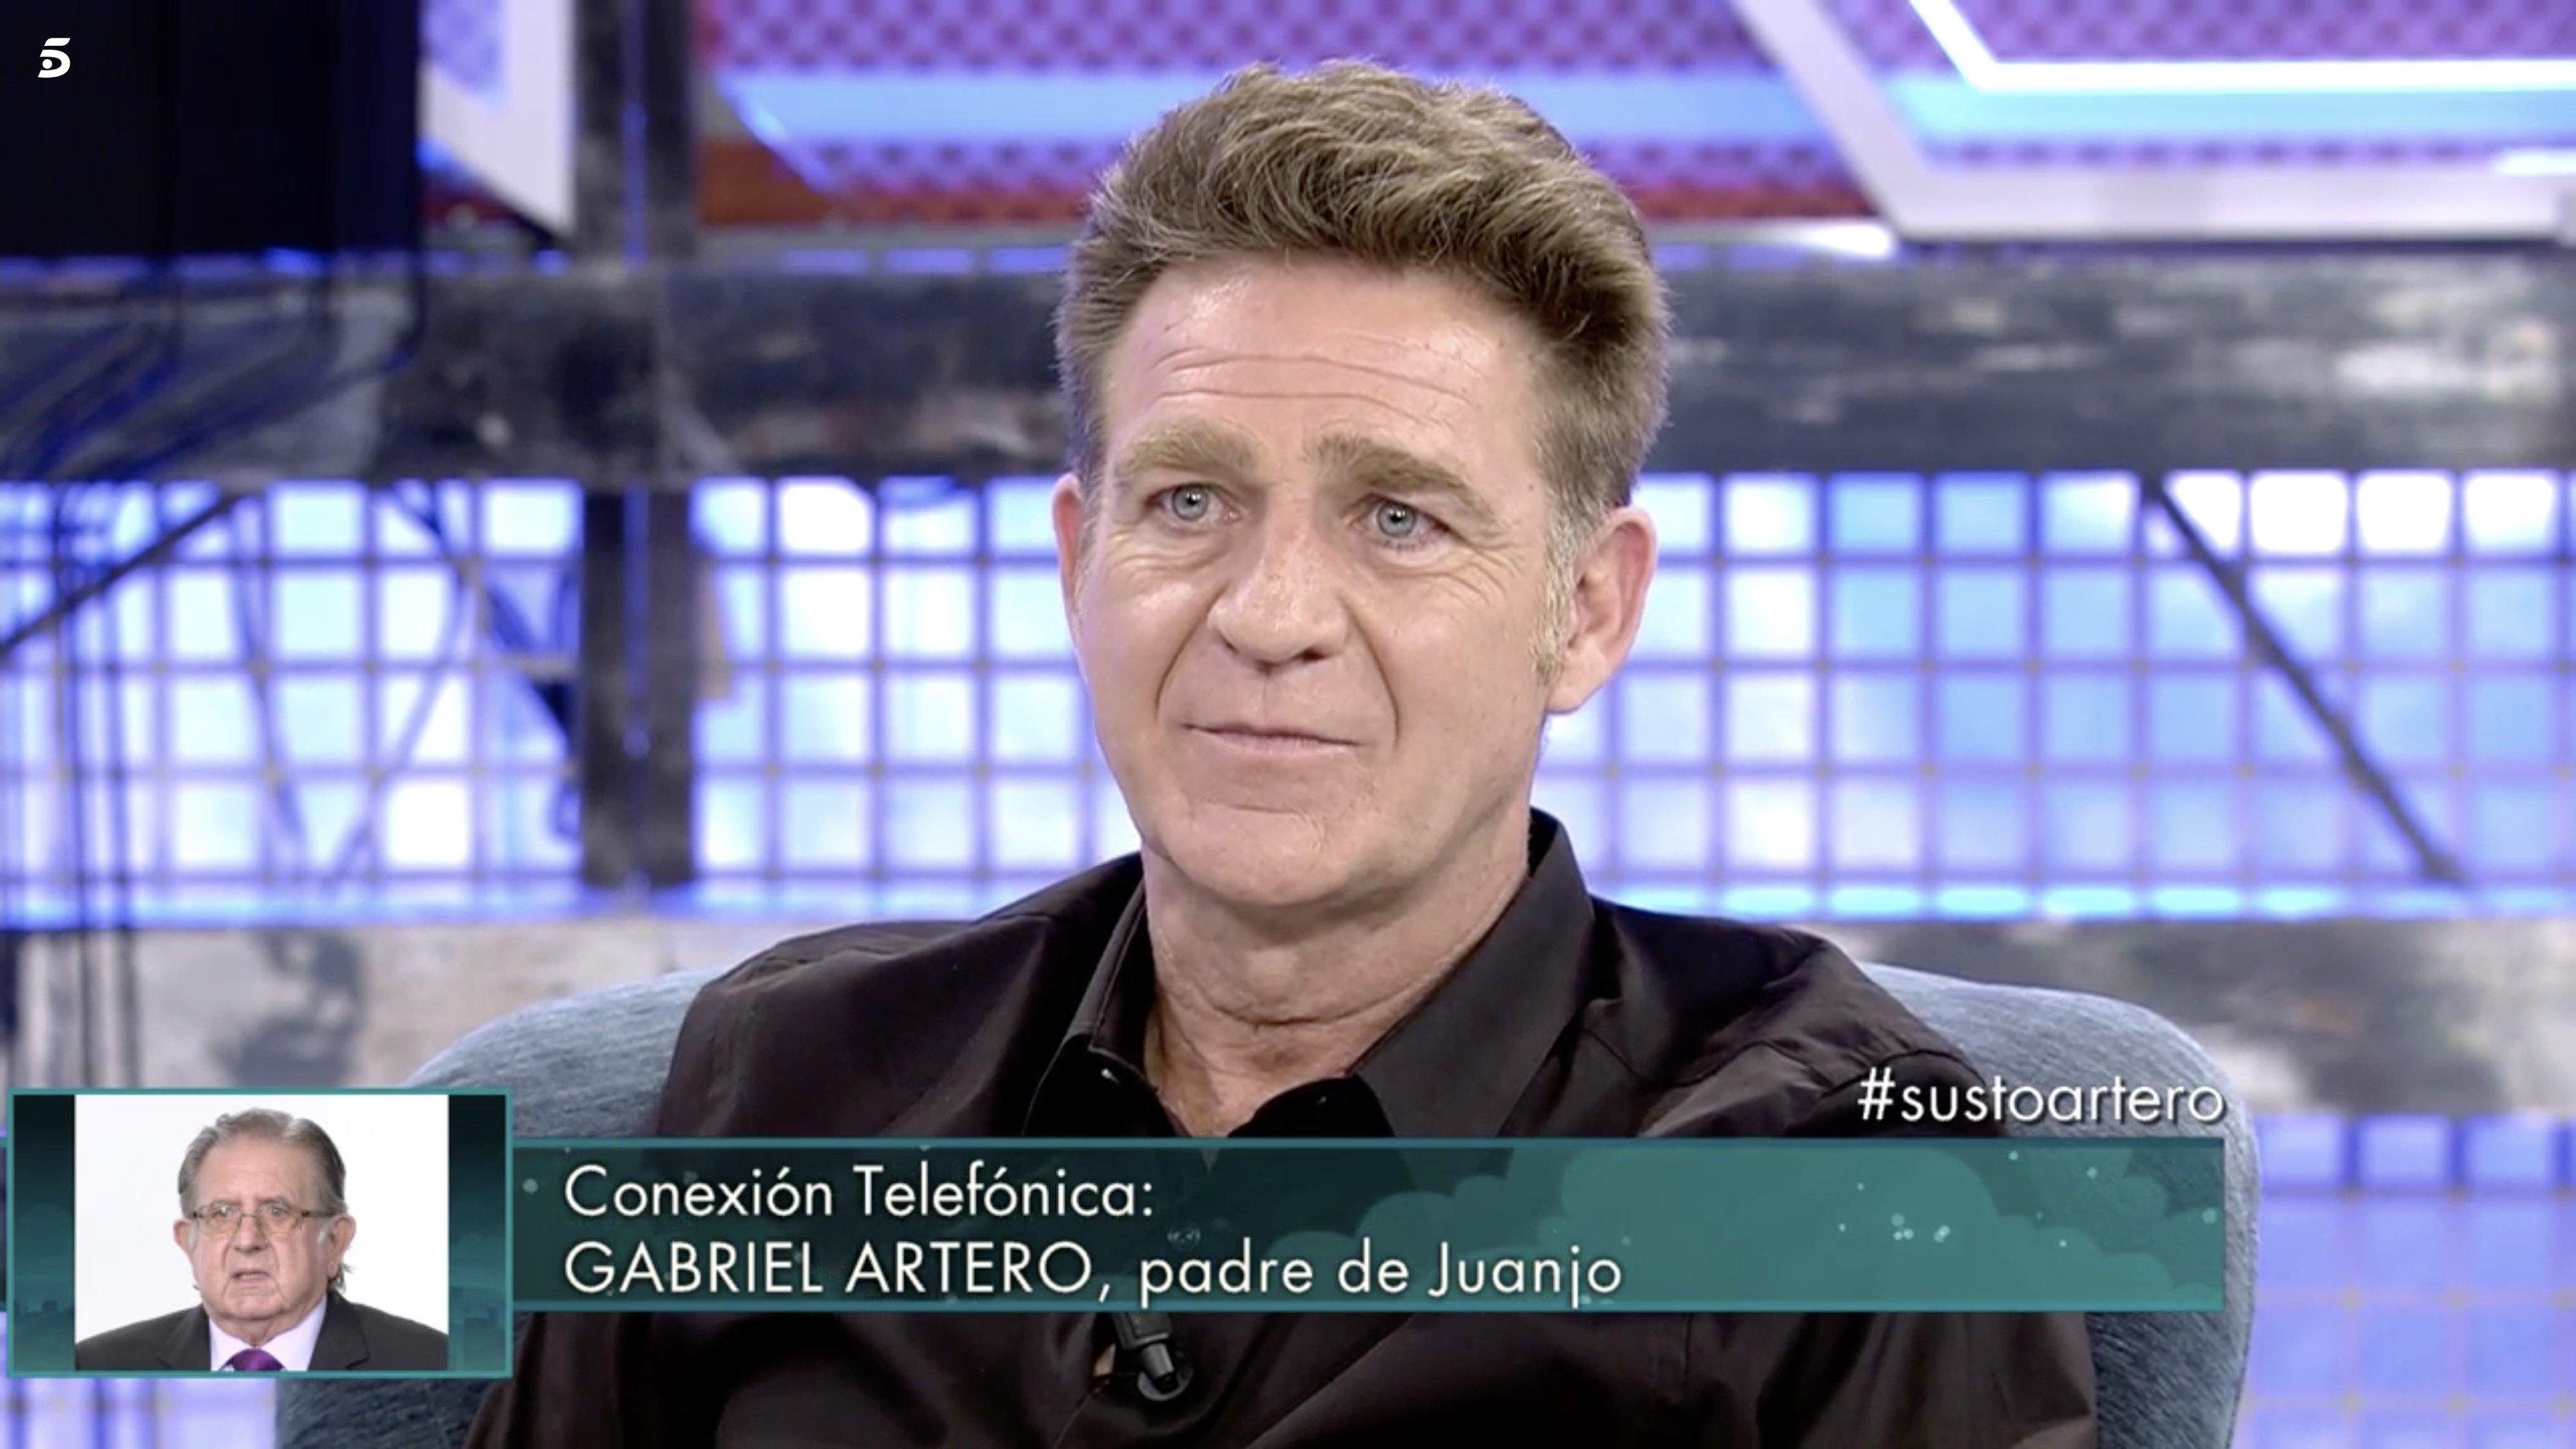 Juanjo Artero reaparece en 'Sábado Deluxe' tras el infarto pulmonar que